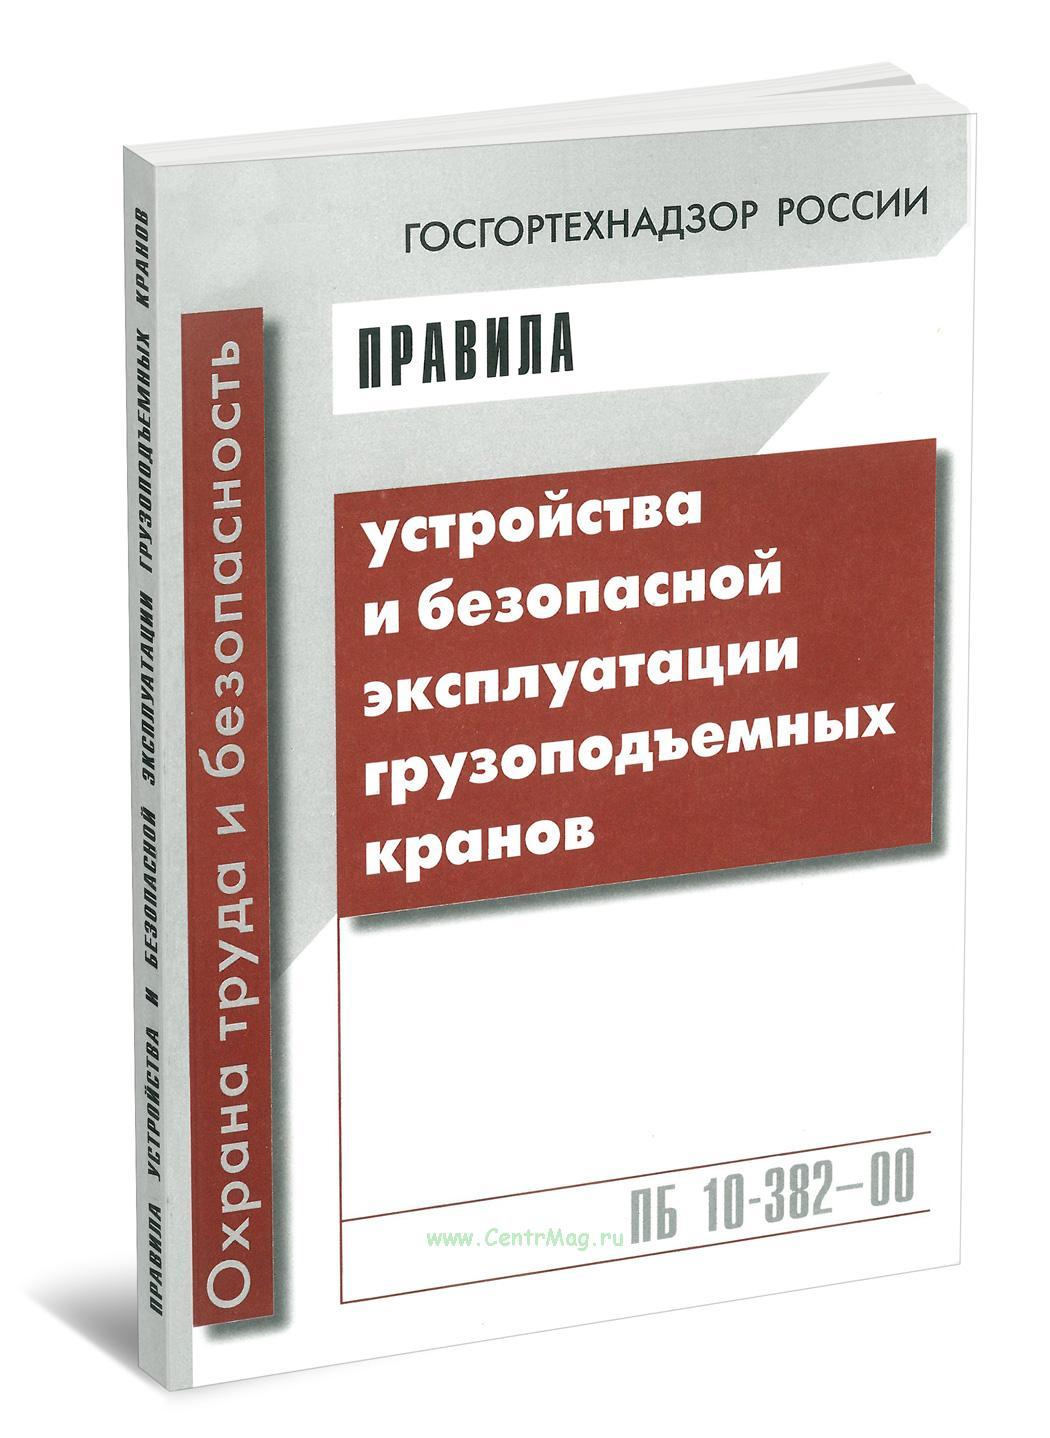 Правила устройства и безопасной эксплуатации грузоподъемных кранов. ПБ 10-382-00